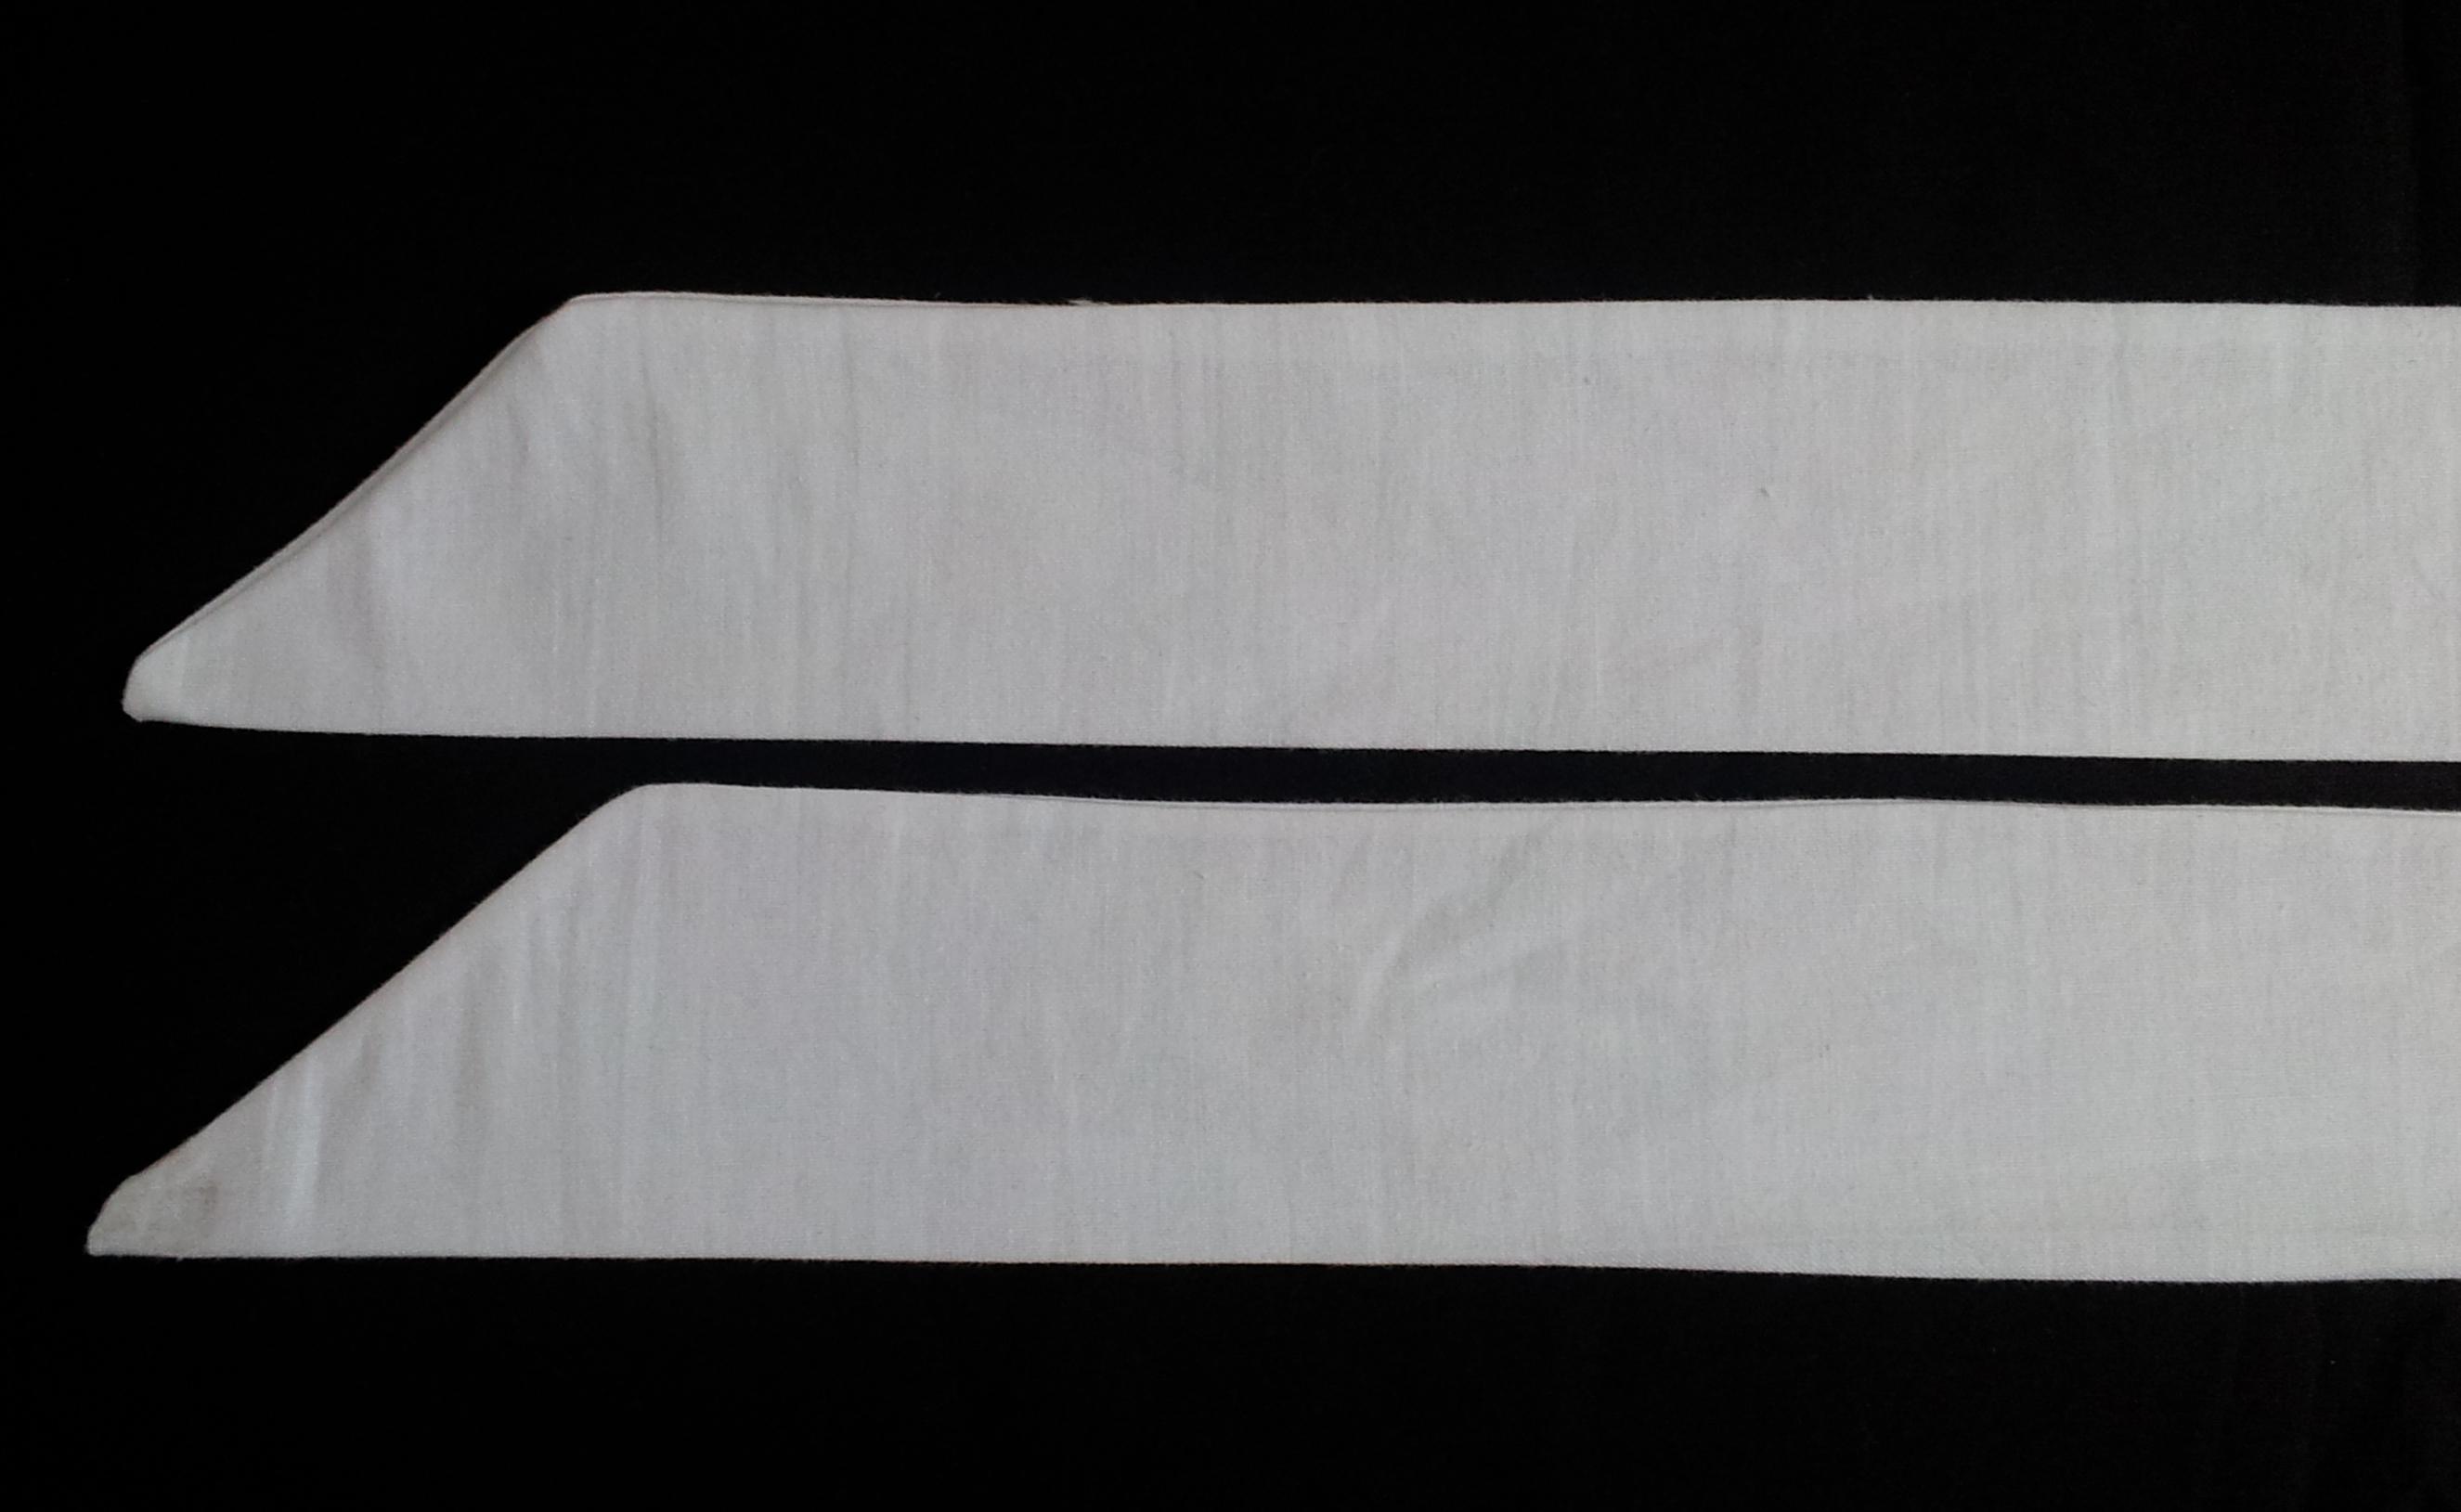 White apron brighton - Apron Tie Ends